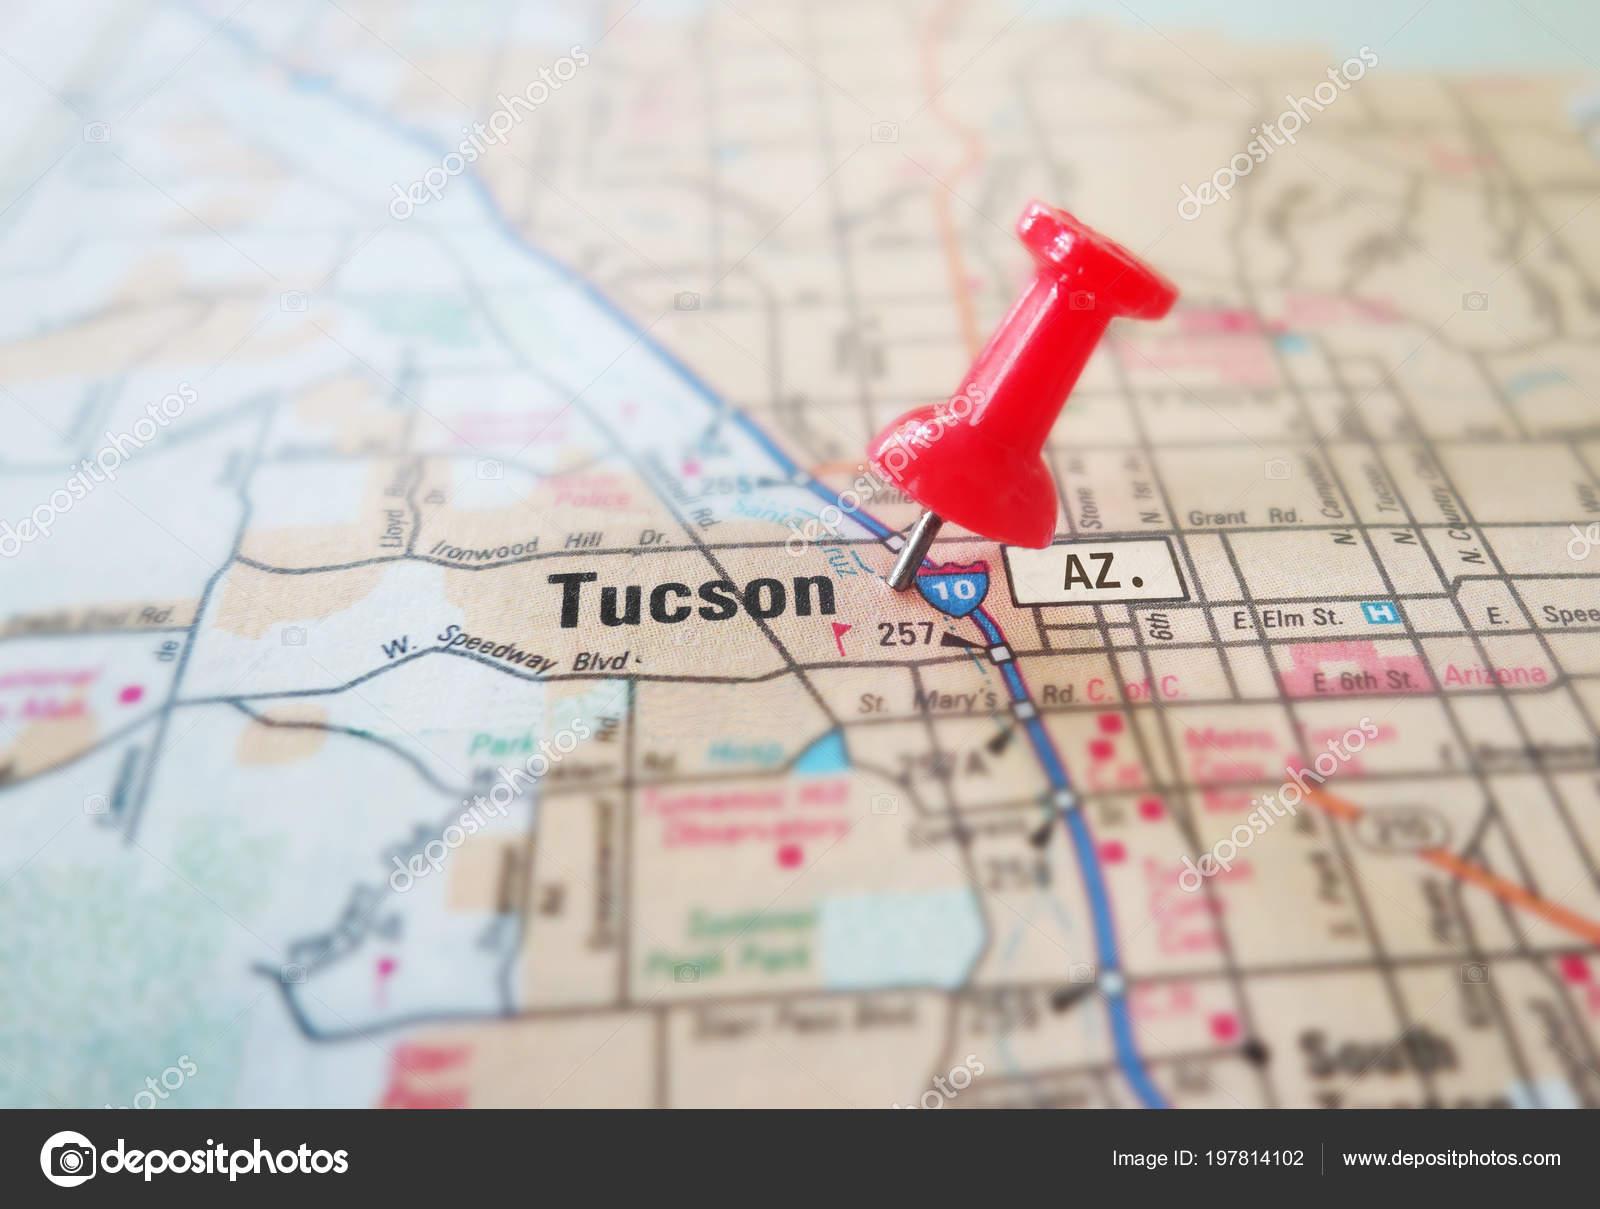 Tucson Arizona Karte.Nahaufnahme Von Tucson Arizona Karte Mit Roten Pin